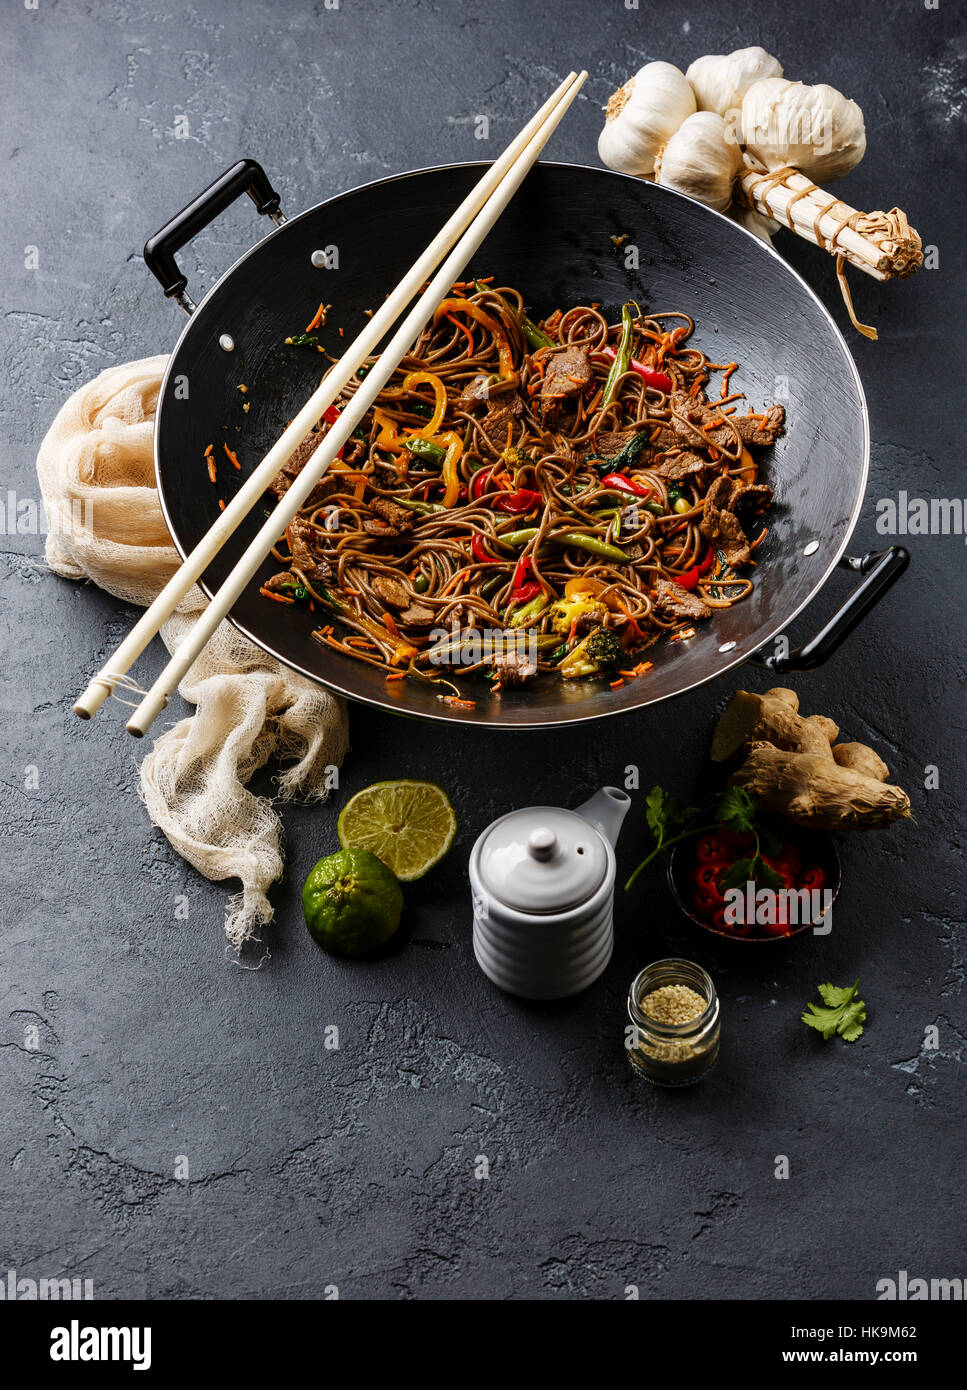 Fast food asiatique nouilles soba sautés au boeuf et légumes en wok casserole sur fond noir en sombre Photo Stock